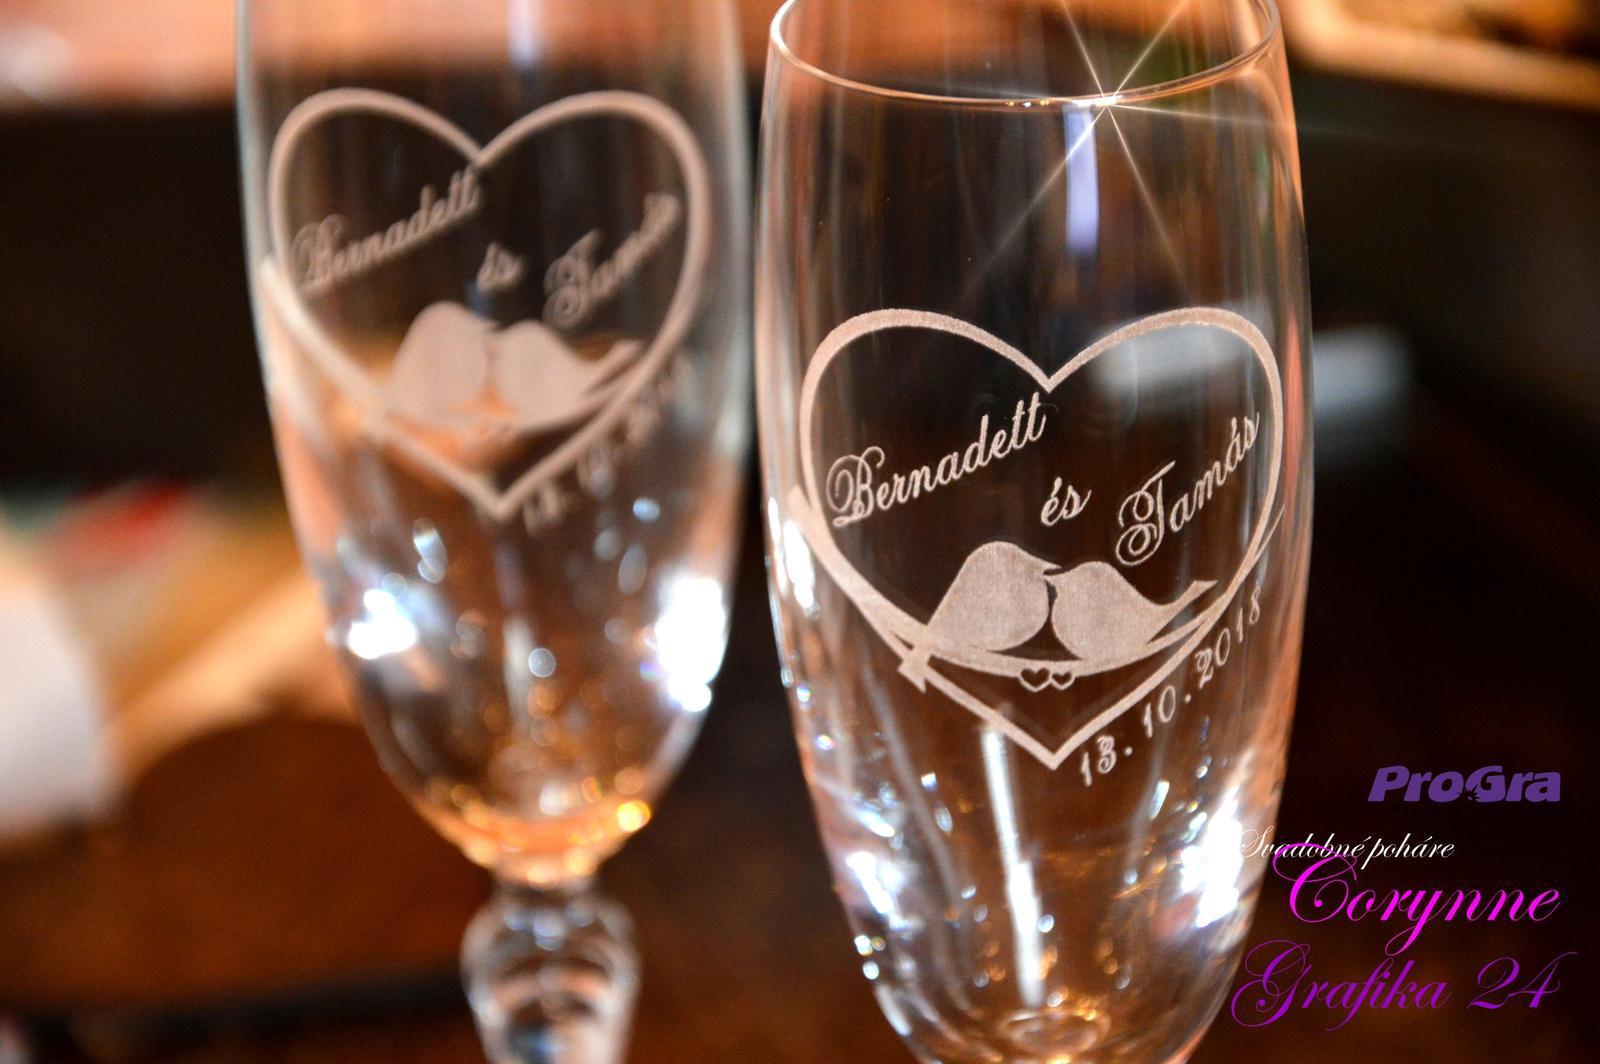 Svatební skleničky - Krásné gravírování rádi připravíme i pro Vás